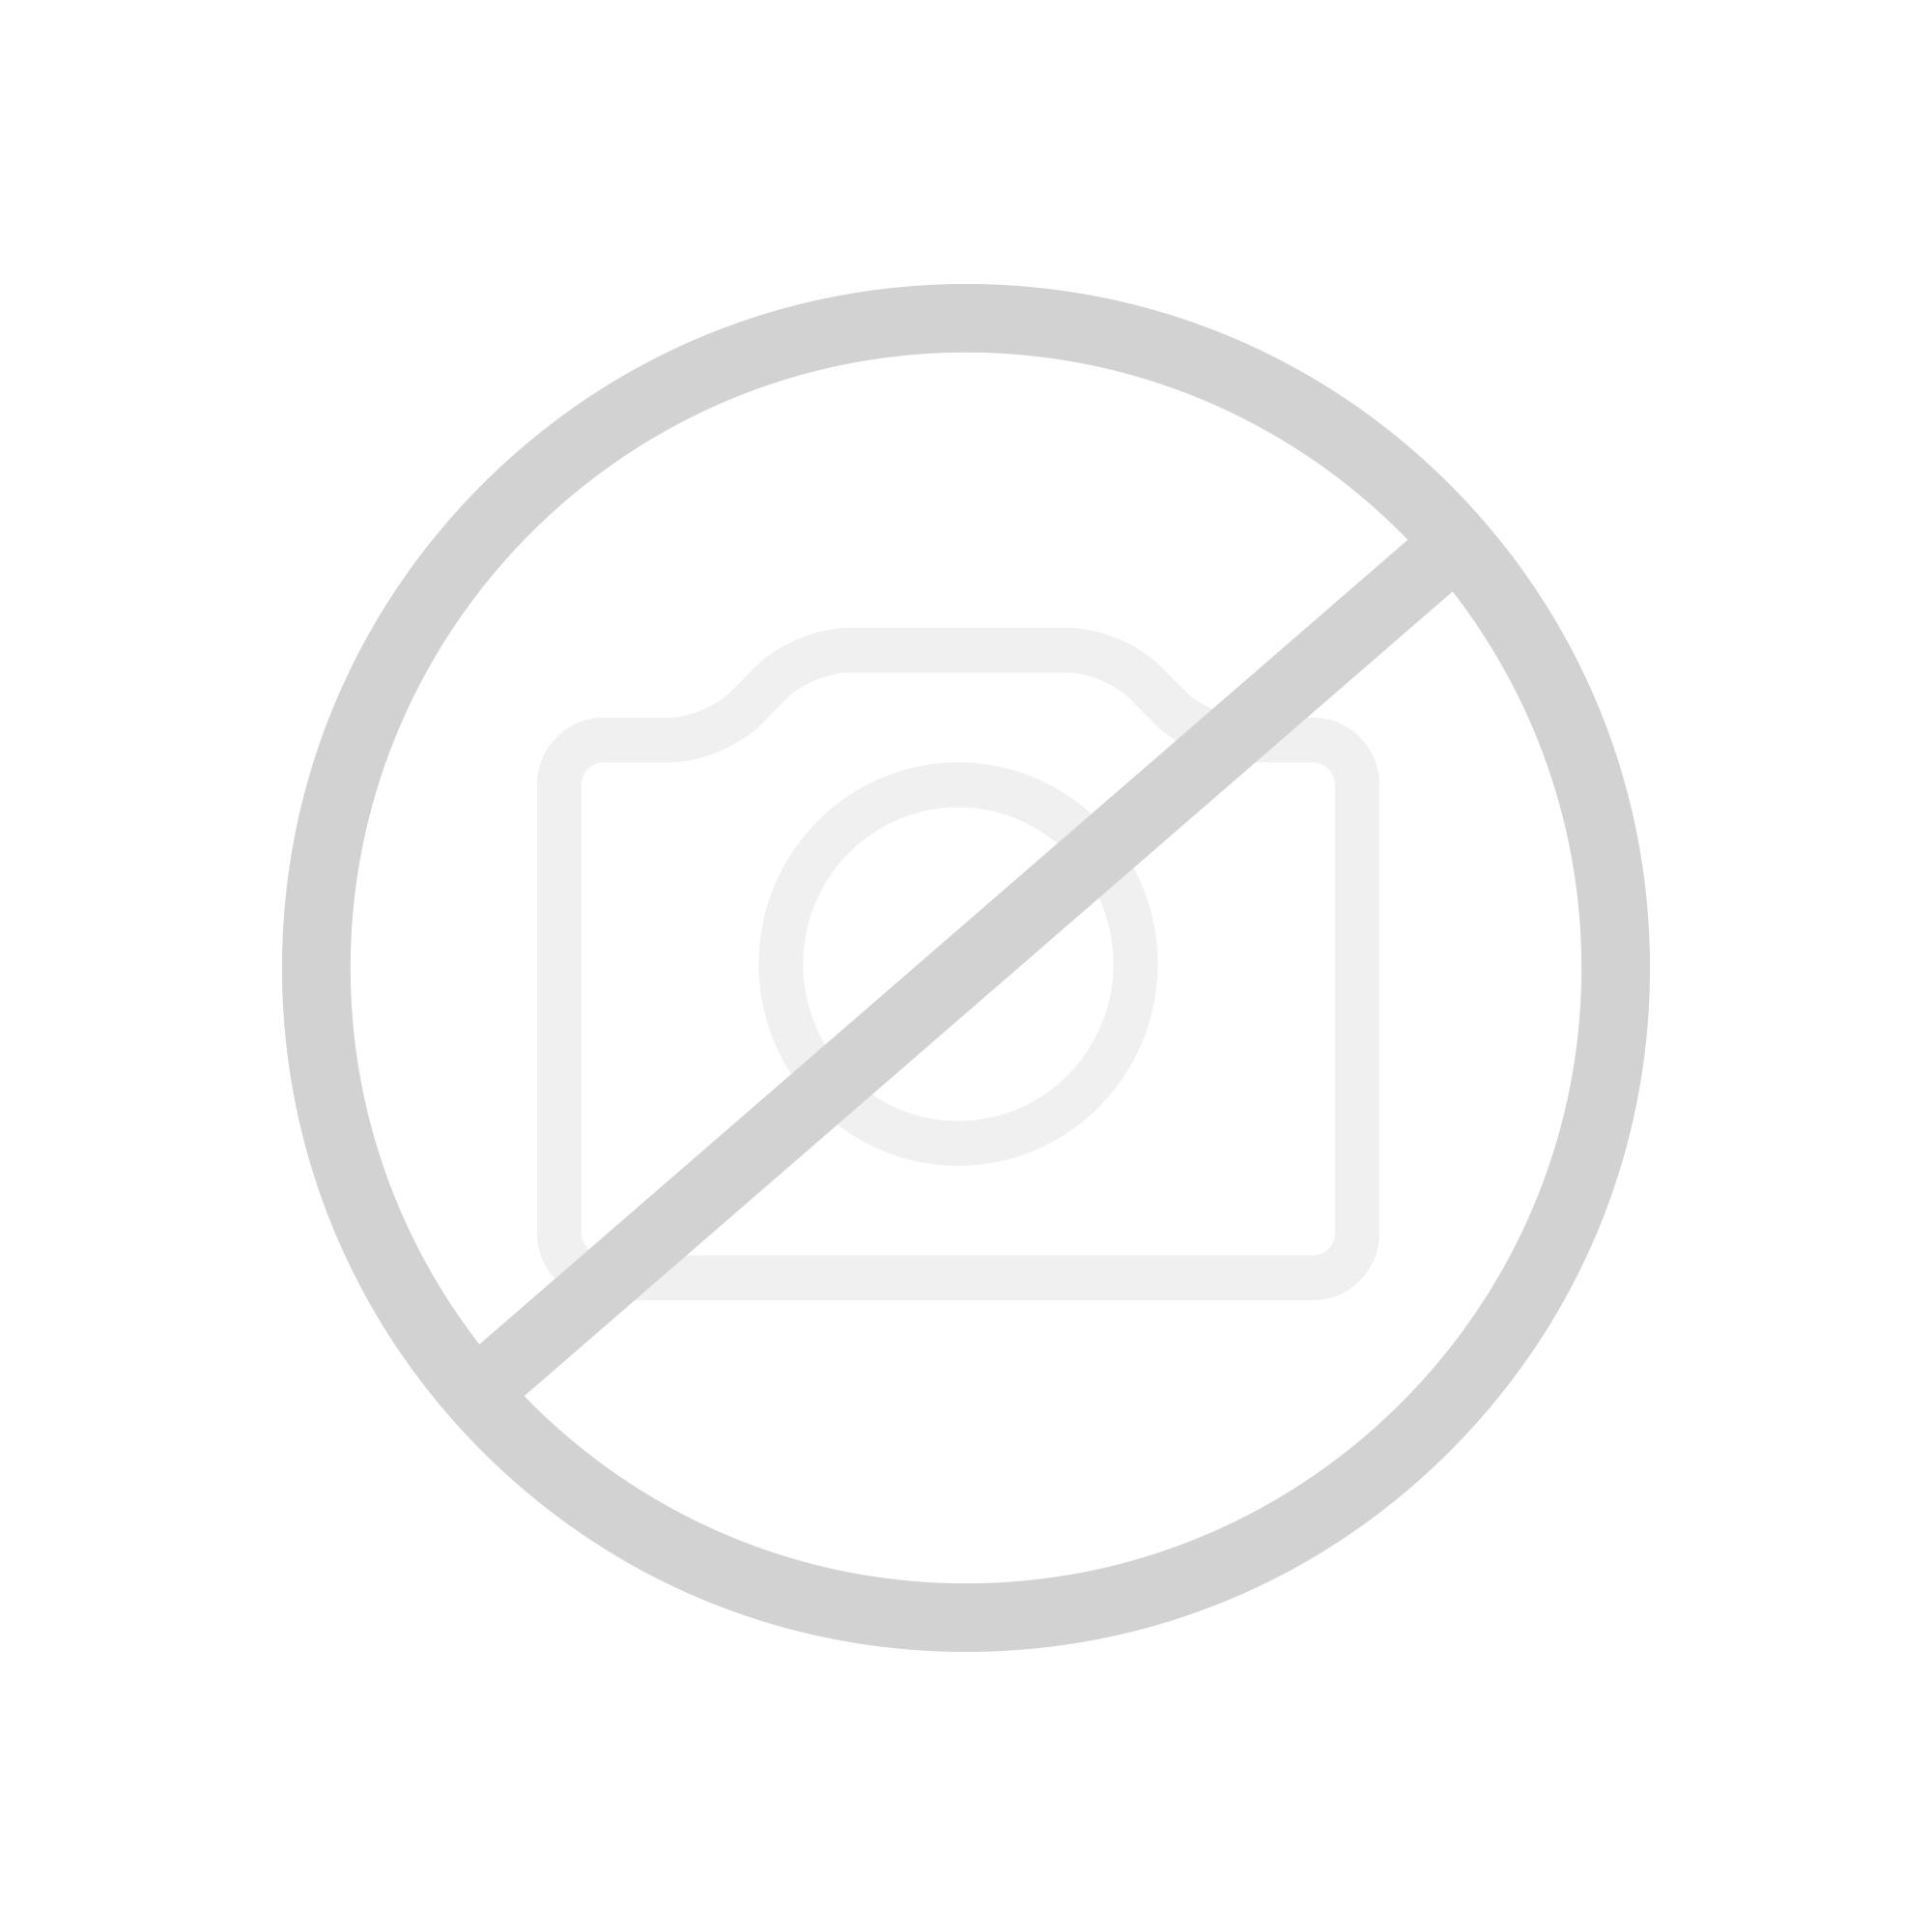 Geberit Kombifix Montageelement für Wand-Bidet, H: 36,1 cm